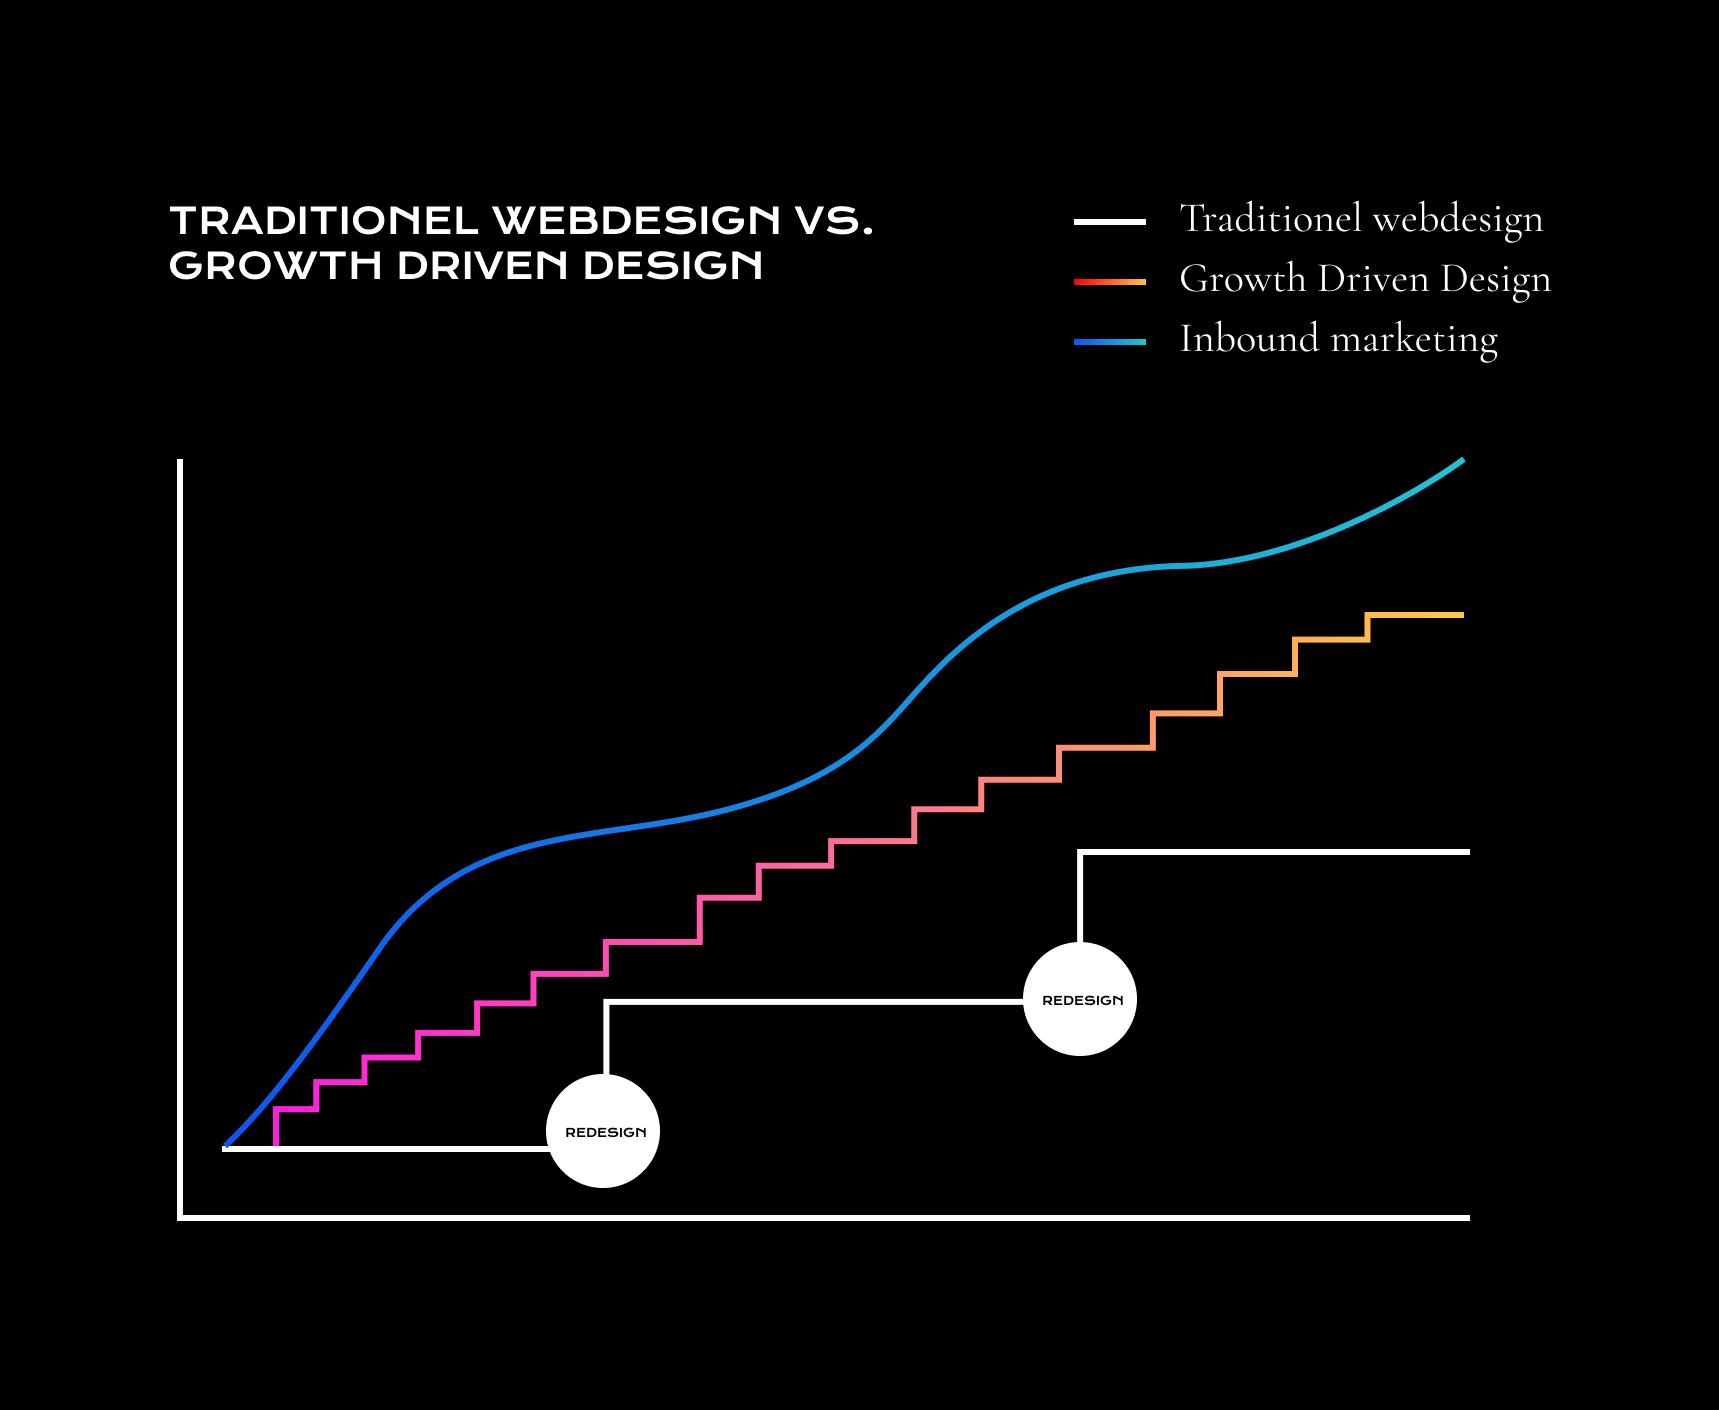 Traditionel webdesign vs growth driven design